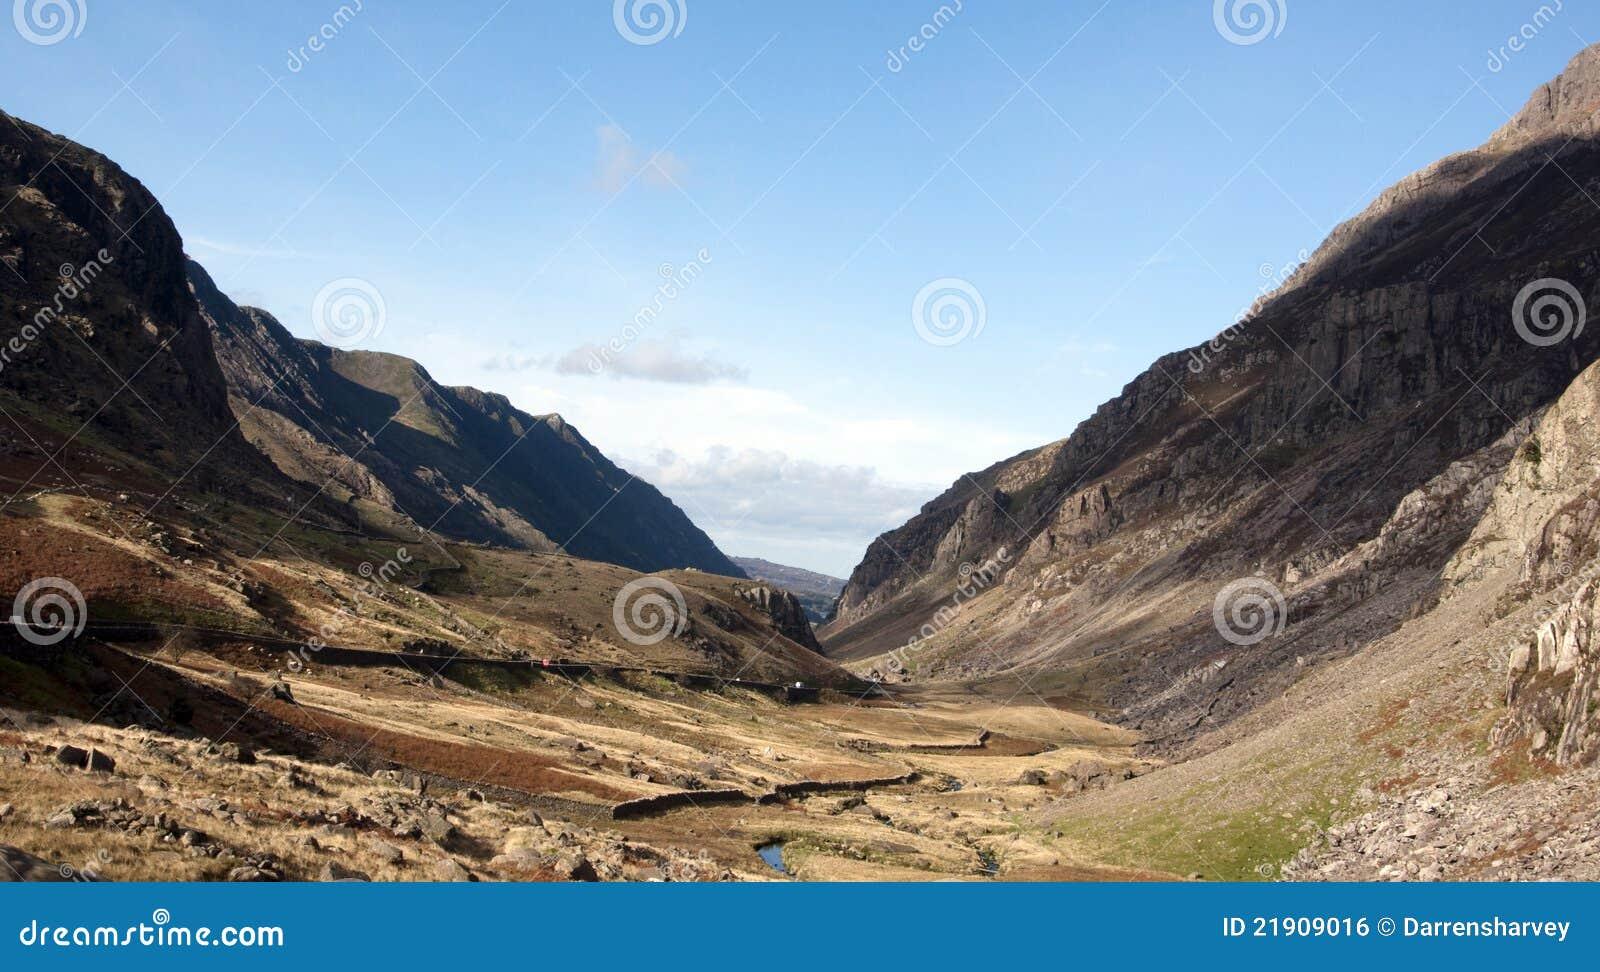 Passage de Llanberis dans Snowdonia Pays de Galles du nord